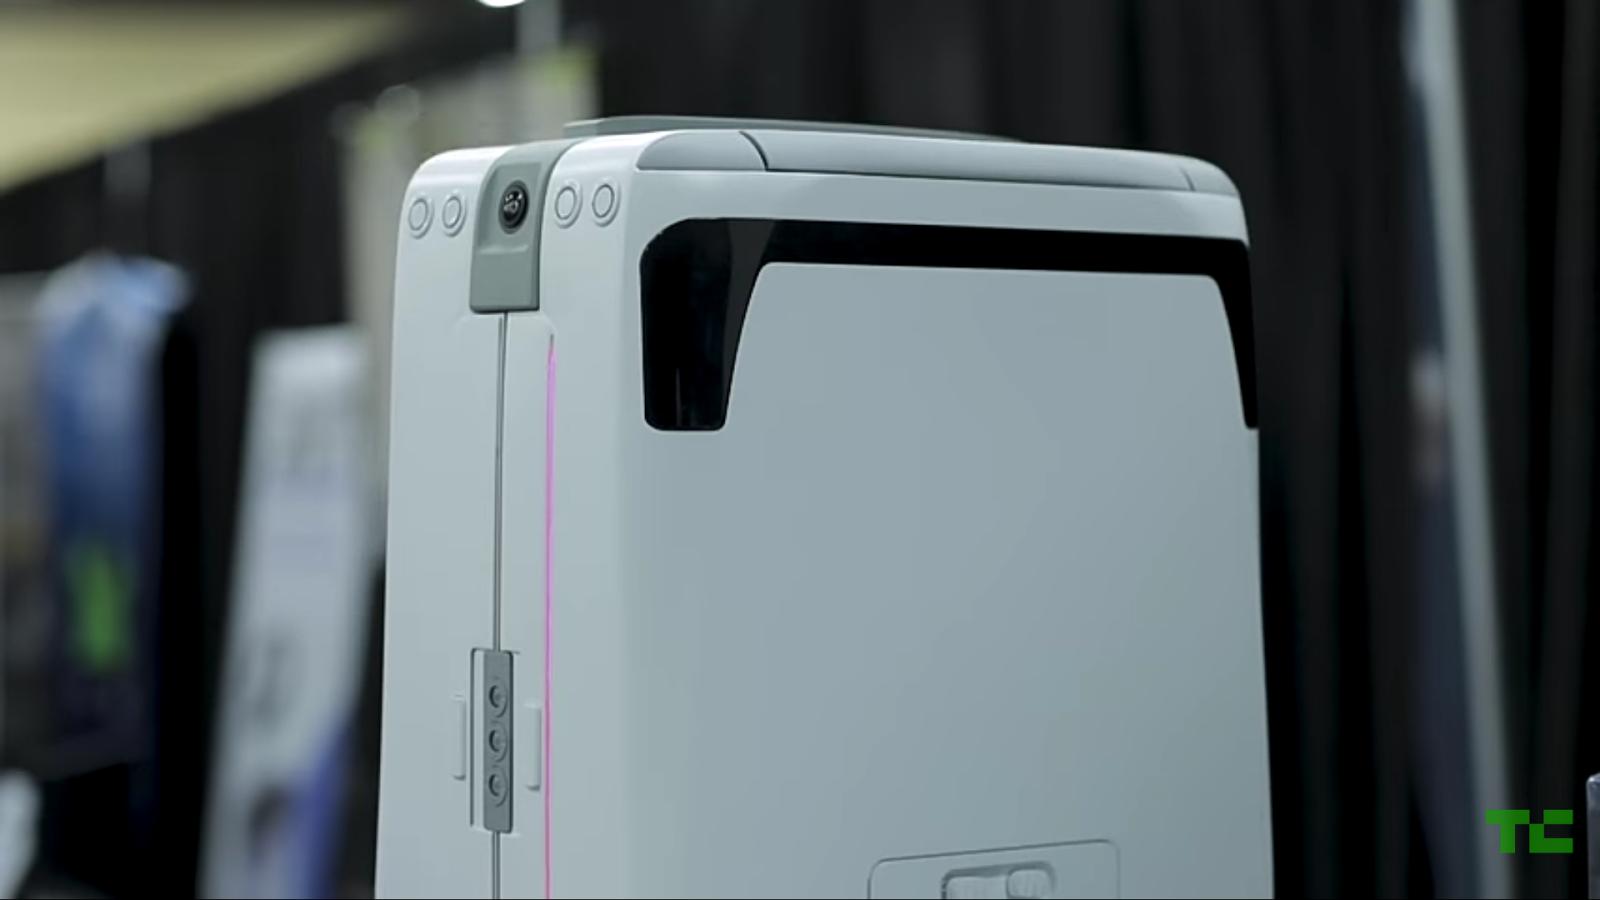 The ForwardX AI CX-01 Suit Case Unveiled At CES 2018